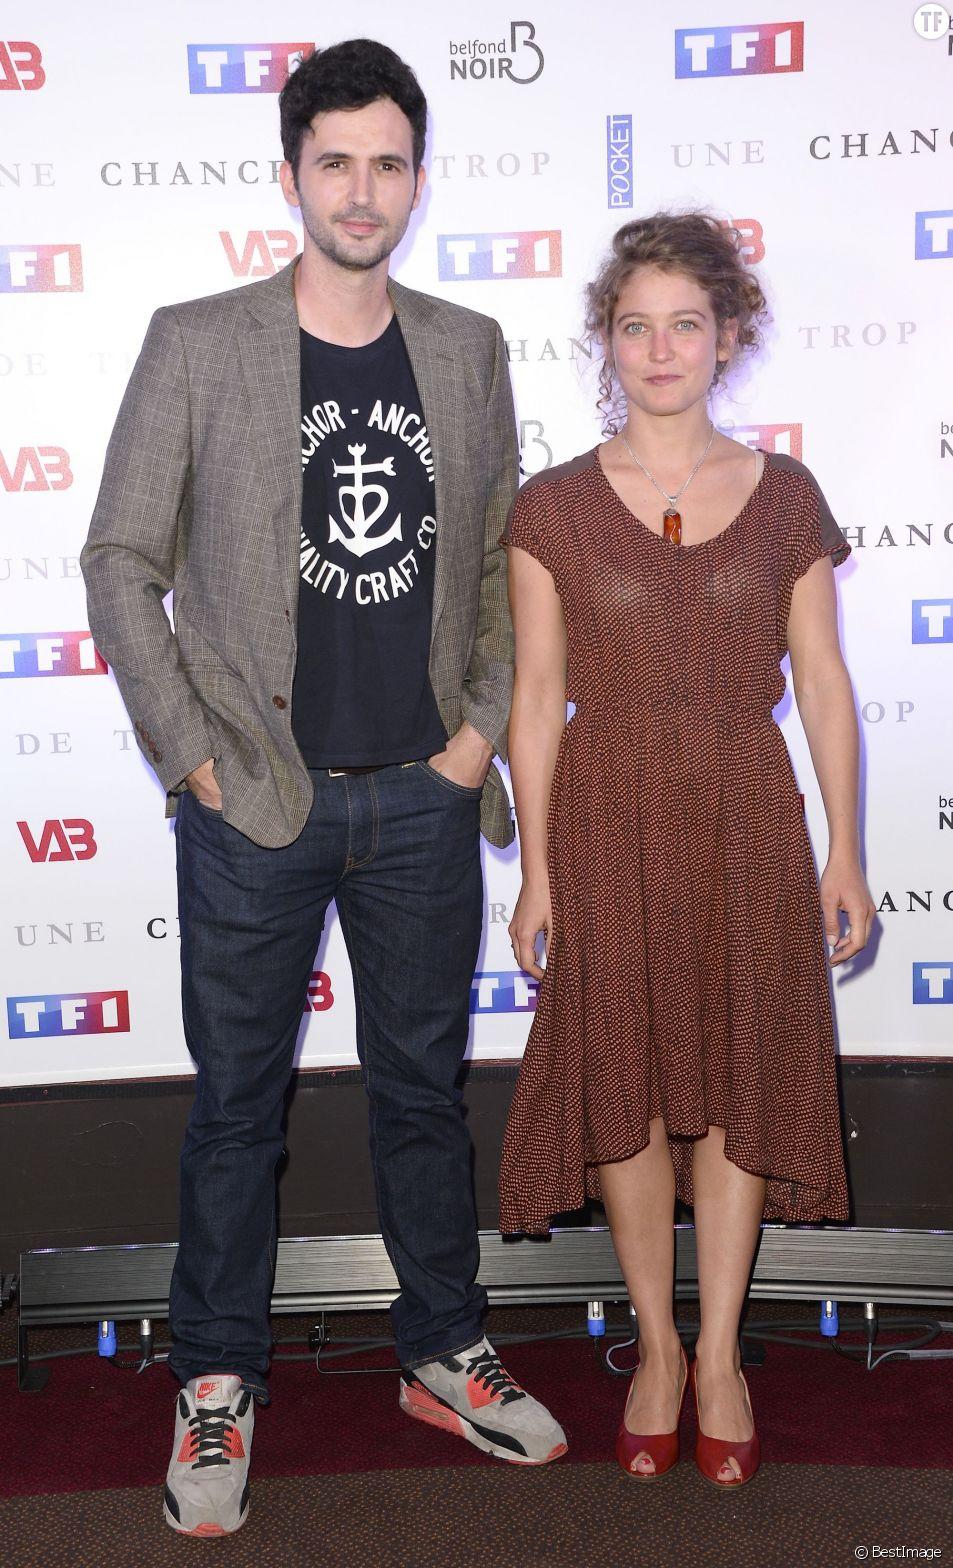 """Raphaël Ferret et Sophie de Furst - Avant-première du film """"Une chance de trop"""" au cinéma Gaumont Marignan à Paris, le 24 juin 2015."""